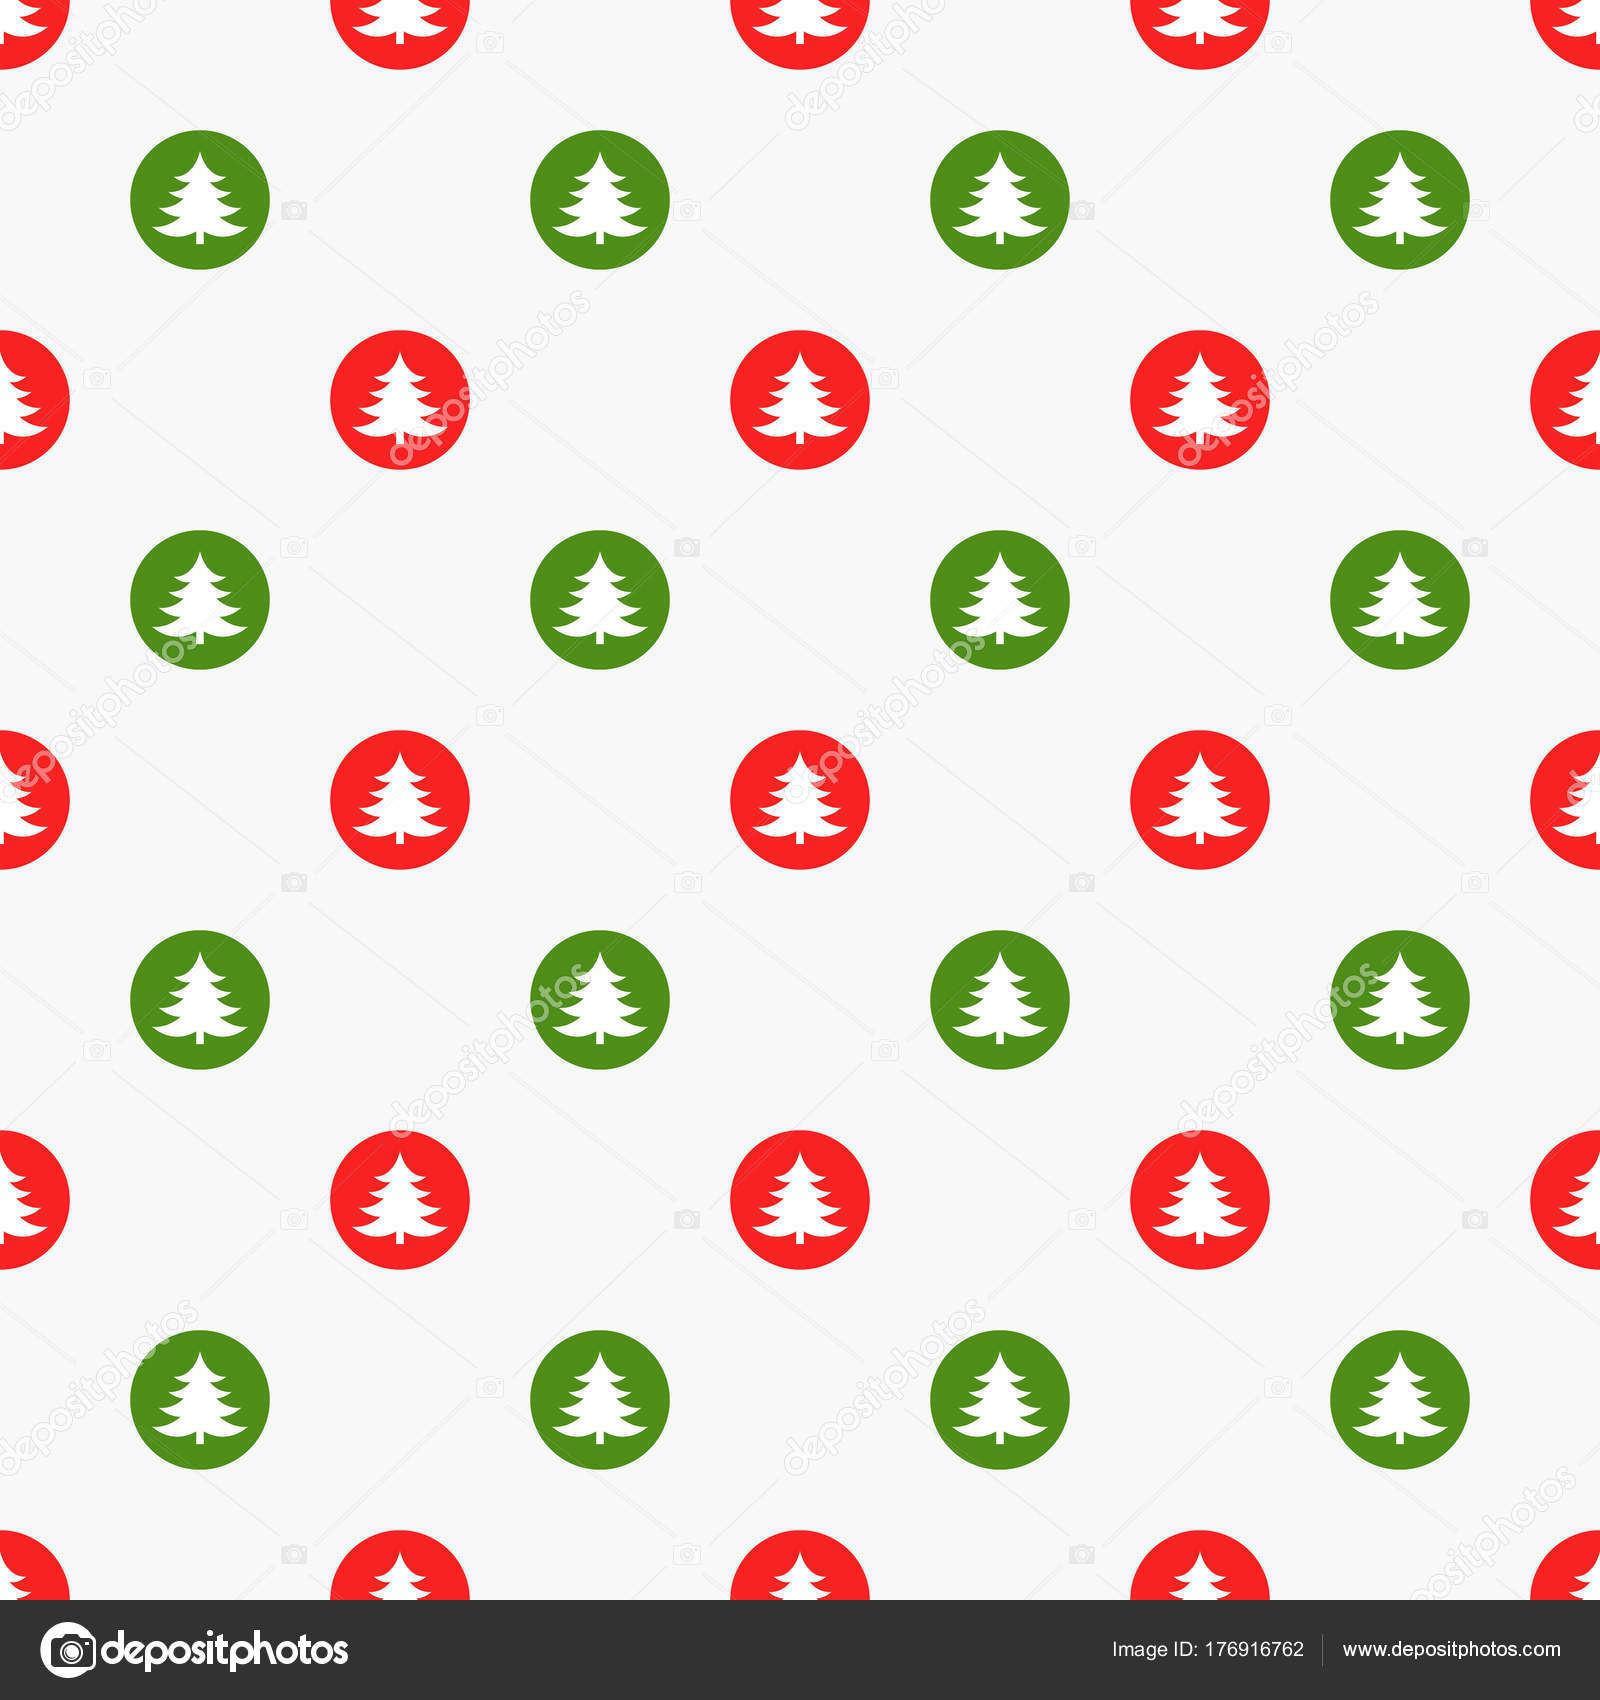 Puntos verdes y rojos con el patrón de árboles de Navidad — Archivo ...